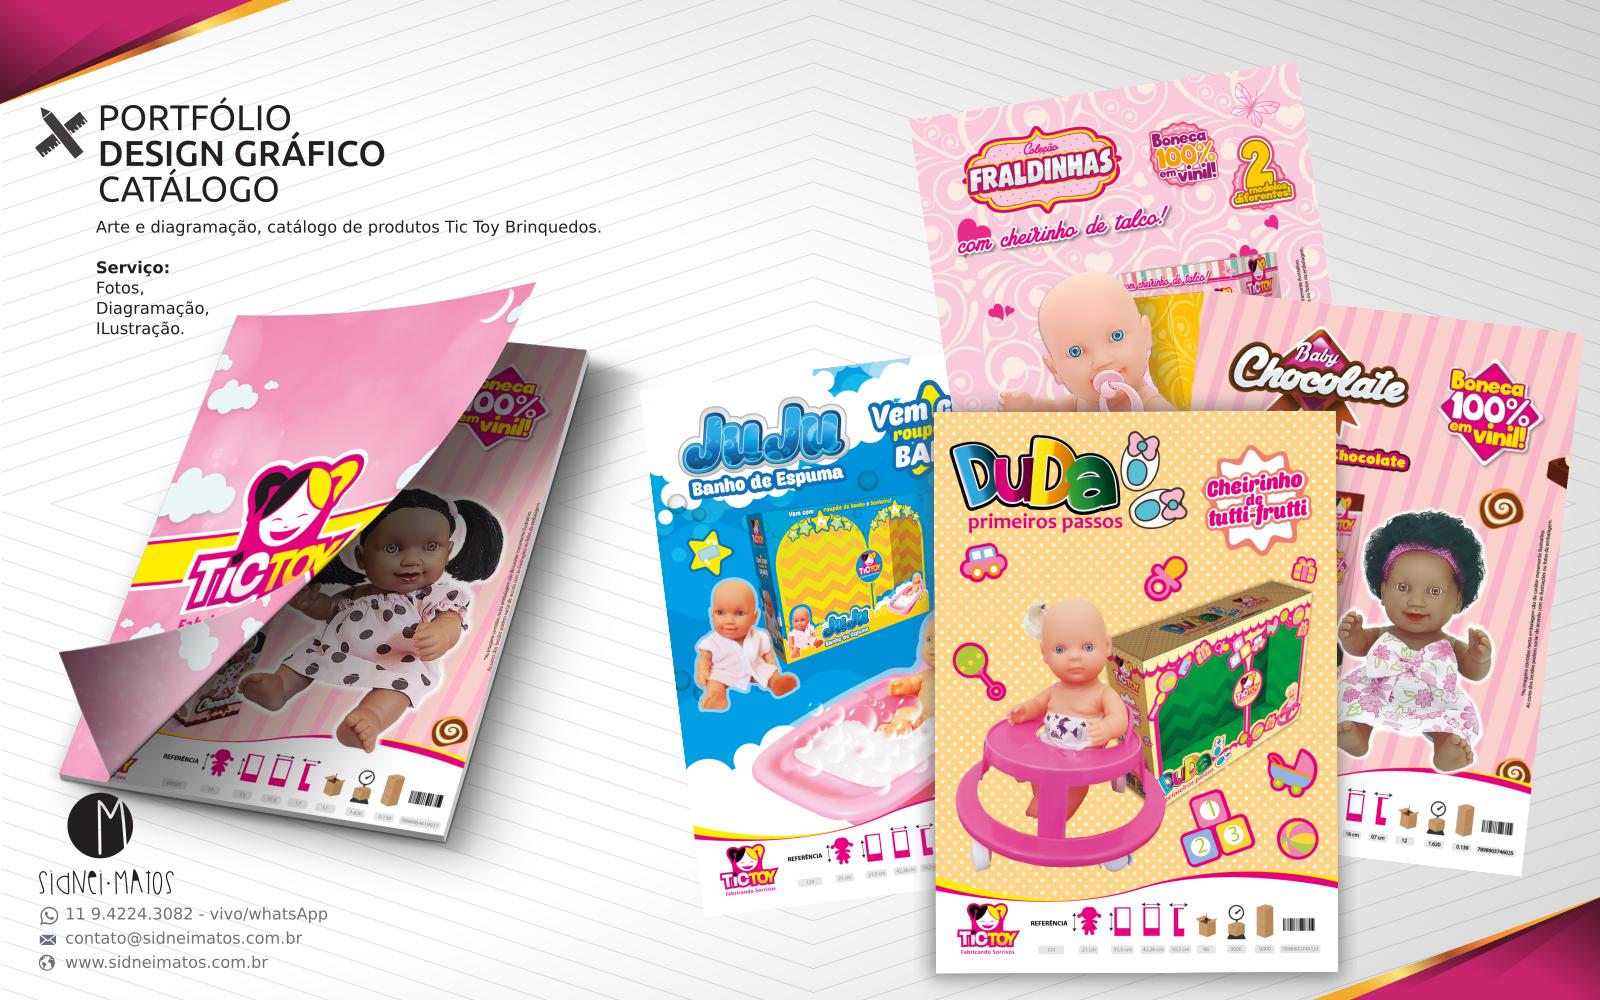 PORTFÓLIO DESIGN GRÁFICO CATÁLOGO Arte e diagramação, catálogo de produtos Tic Toy Brinquedos. Serviço: Fotos, Diagramação, Ilustração.